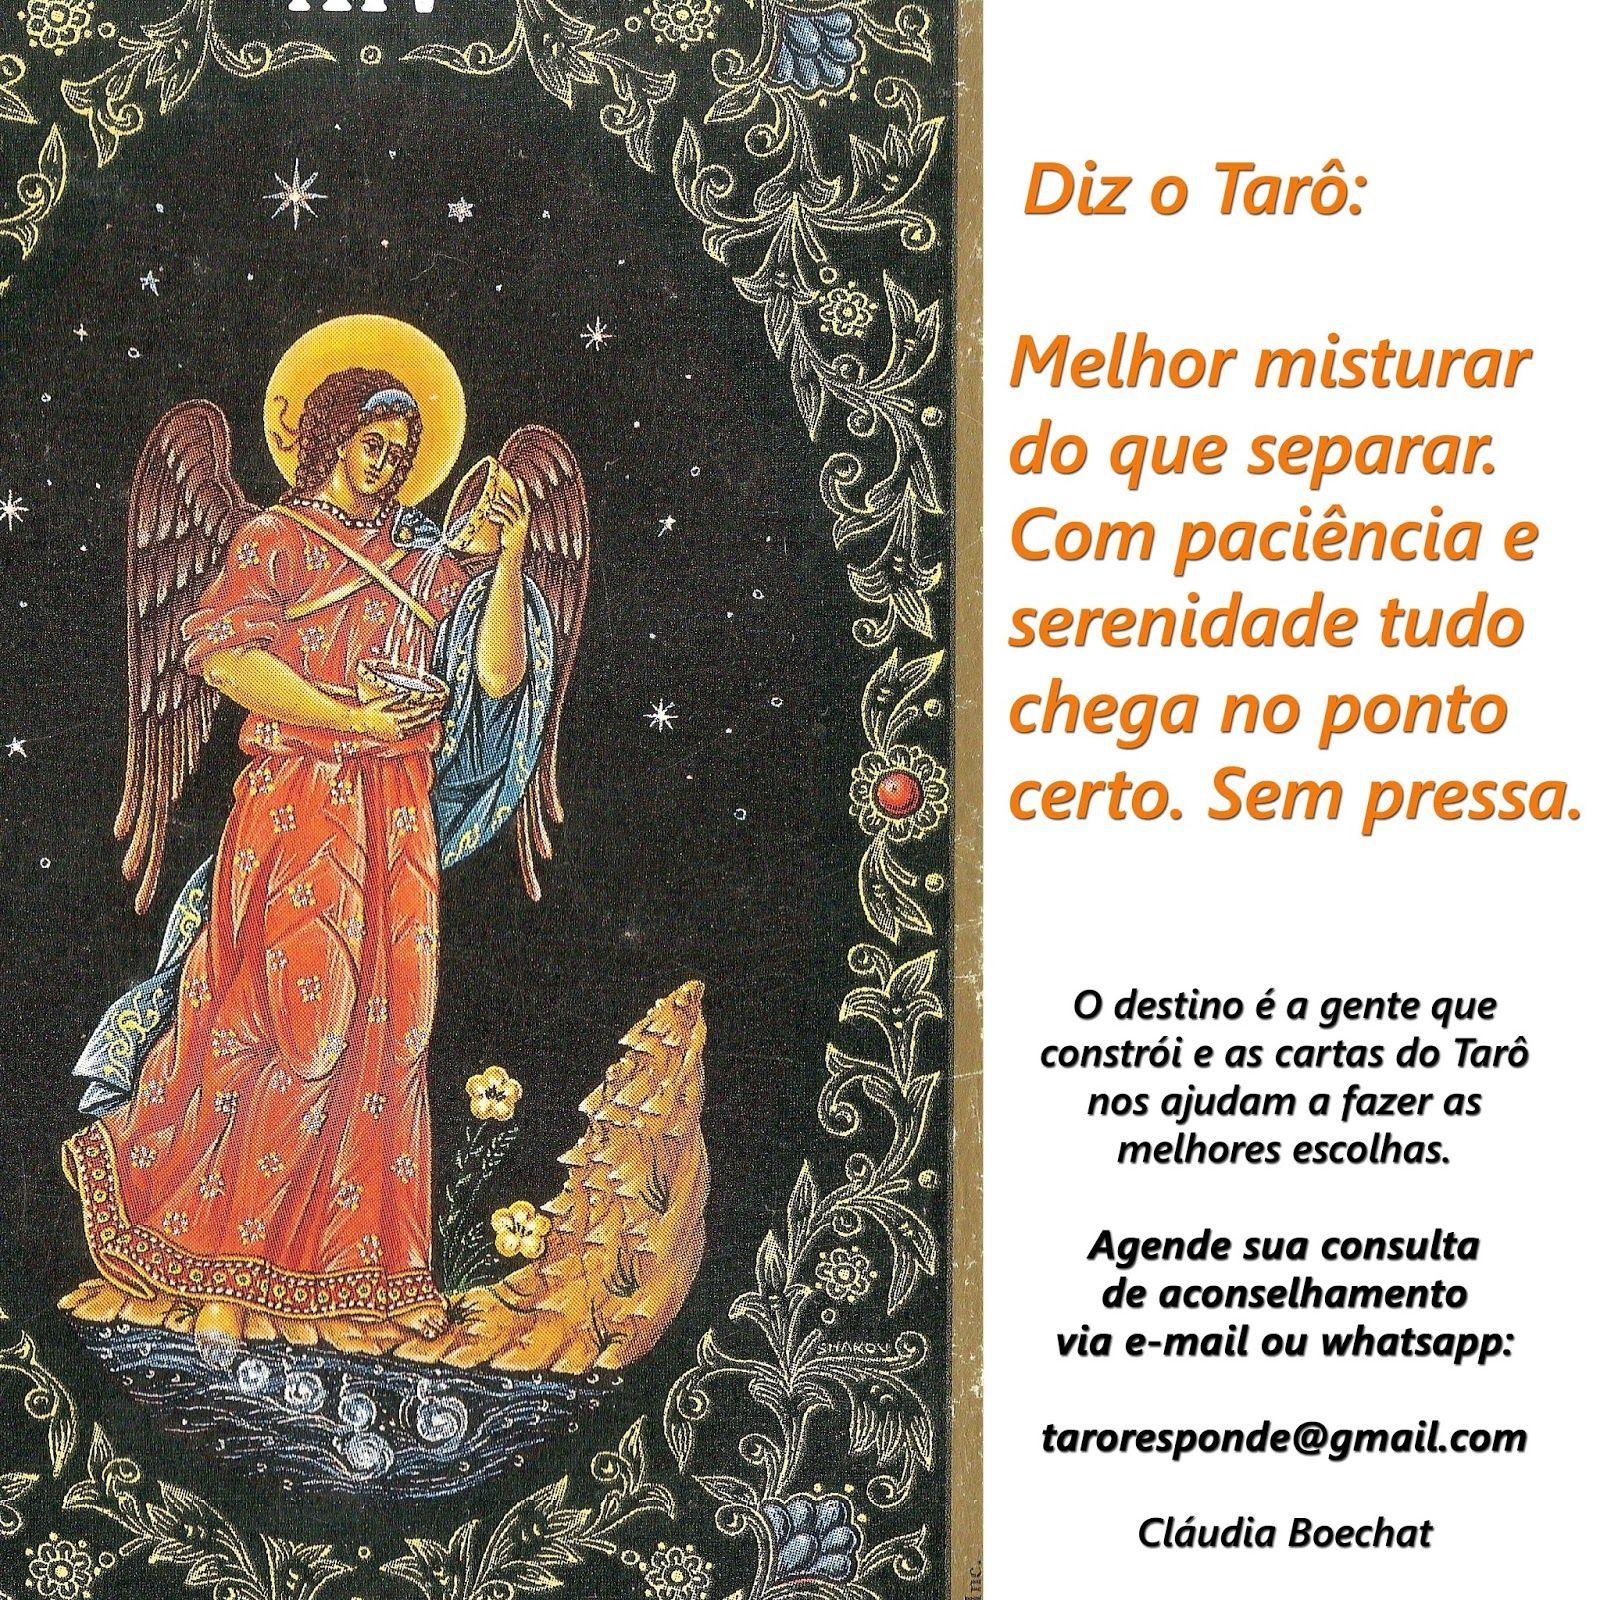 Reflexões e cartas de Tarot